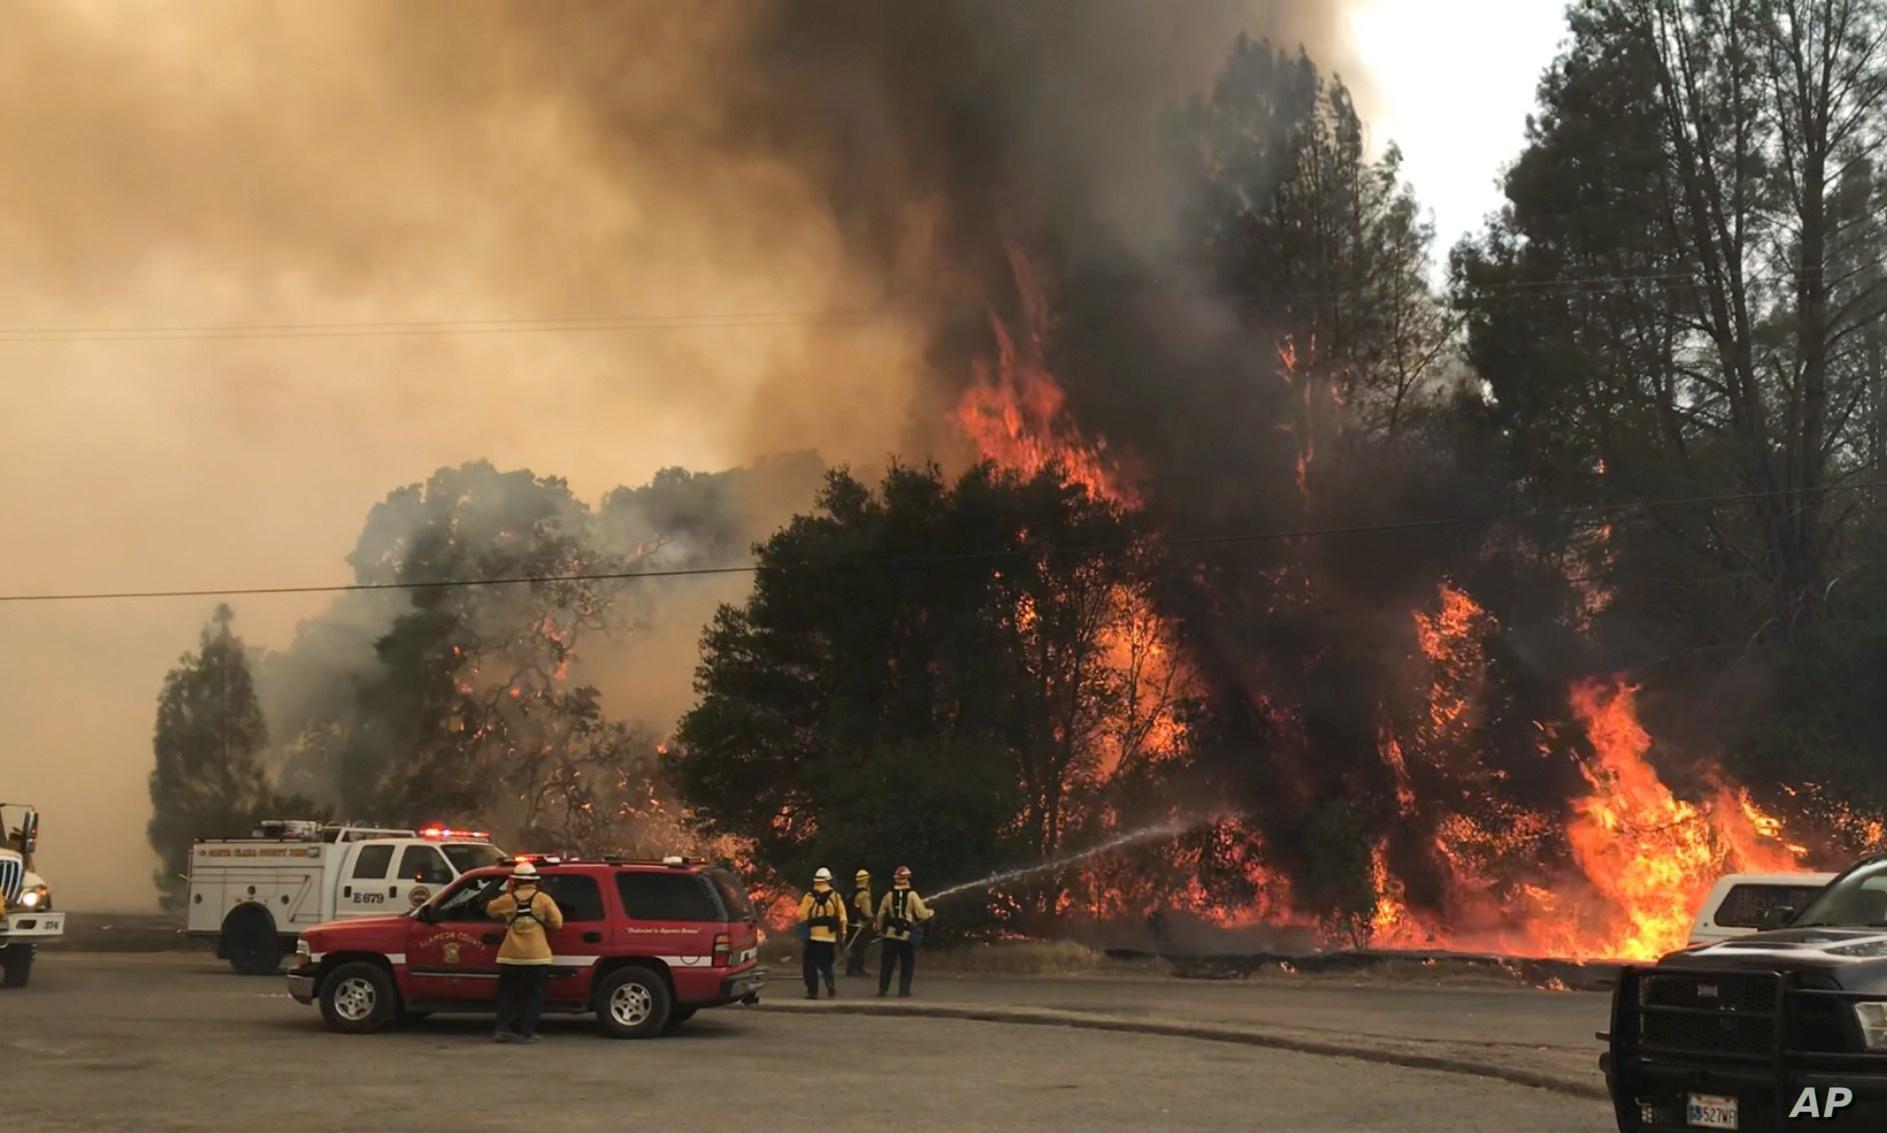 استعداد أمريكي لإجلاء جماعي بسبب حرائق الغابات بكاليفورنيا